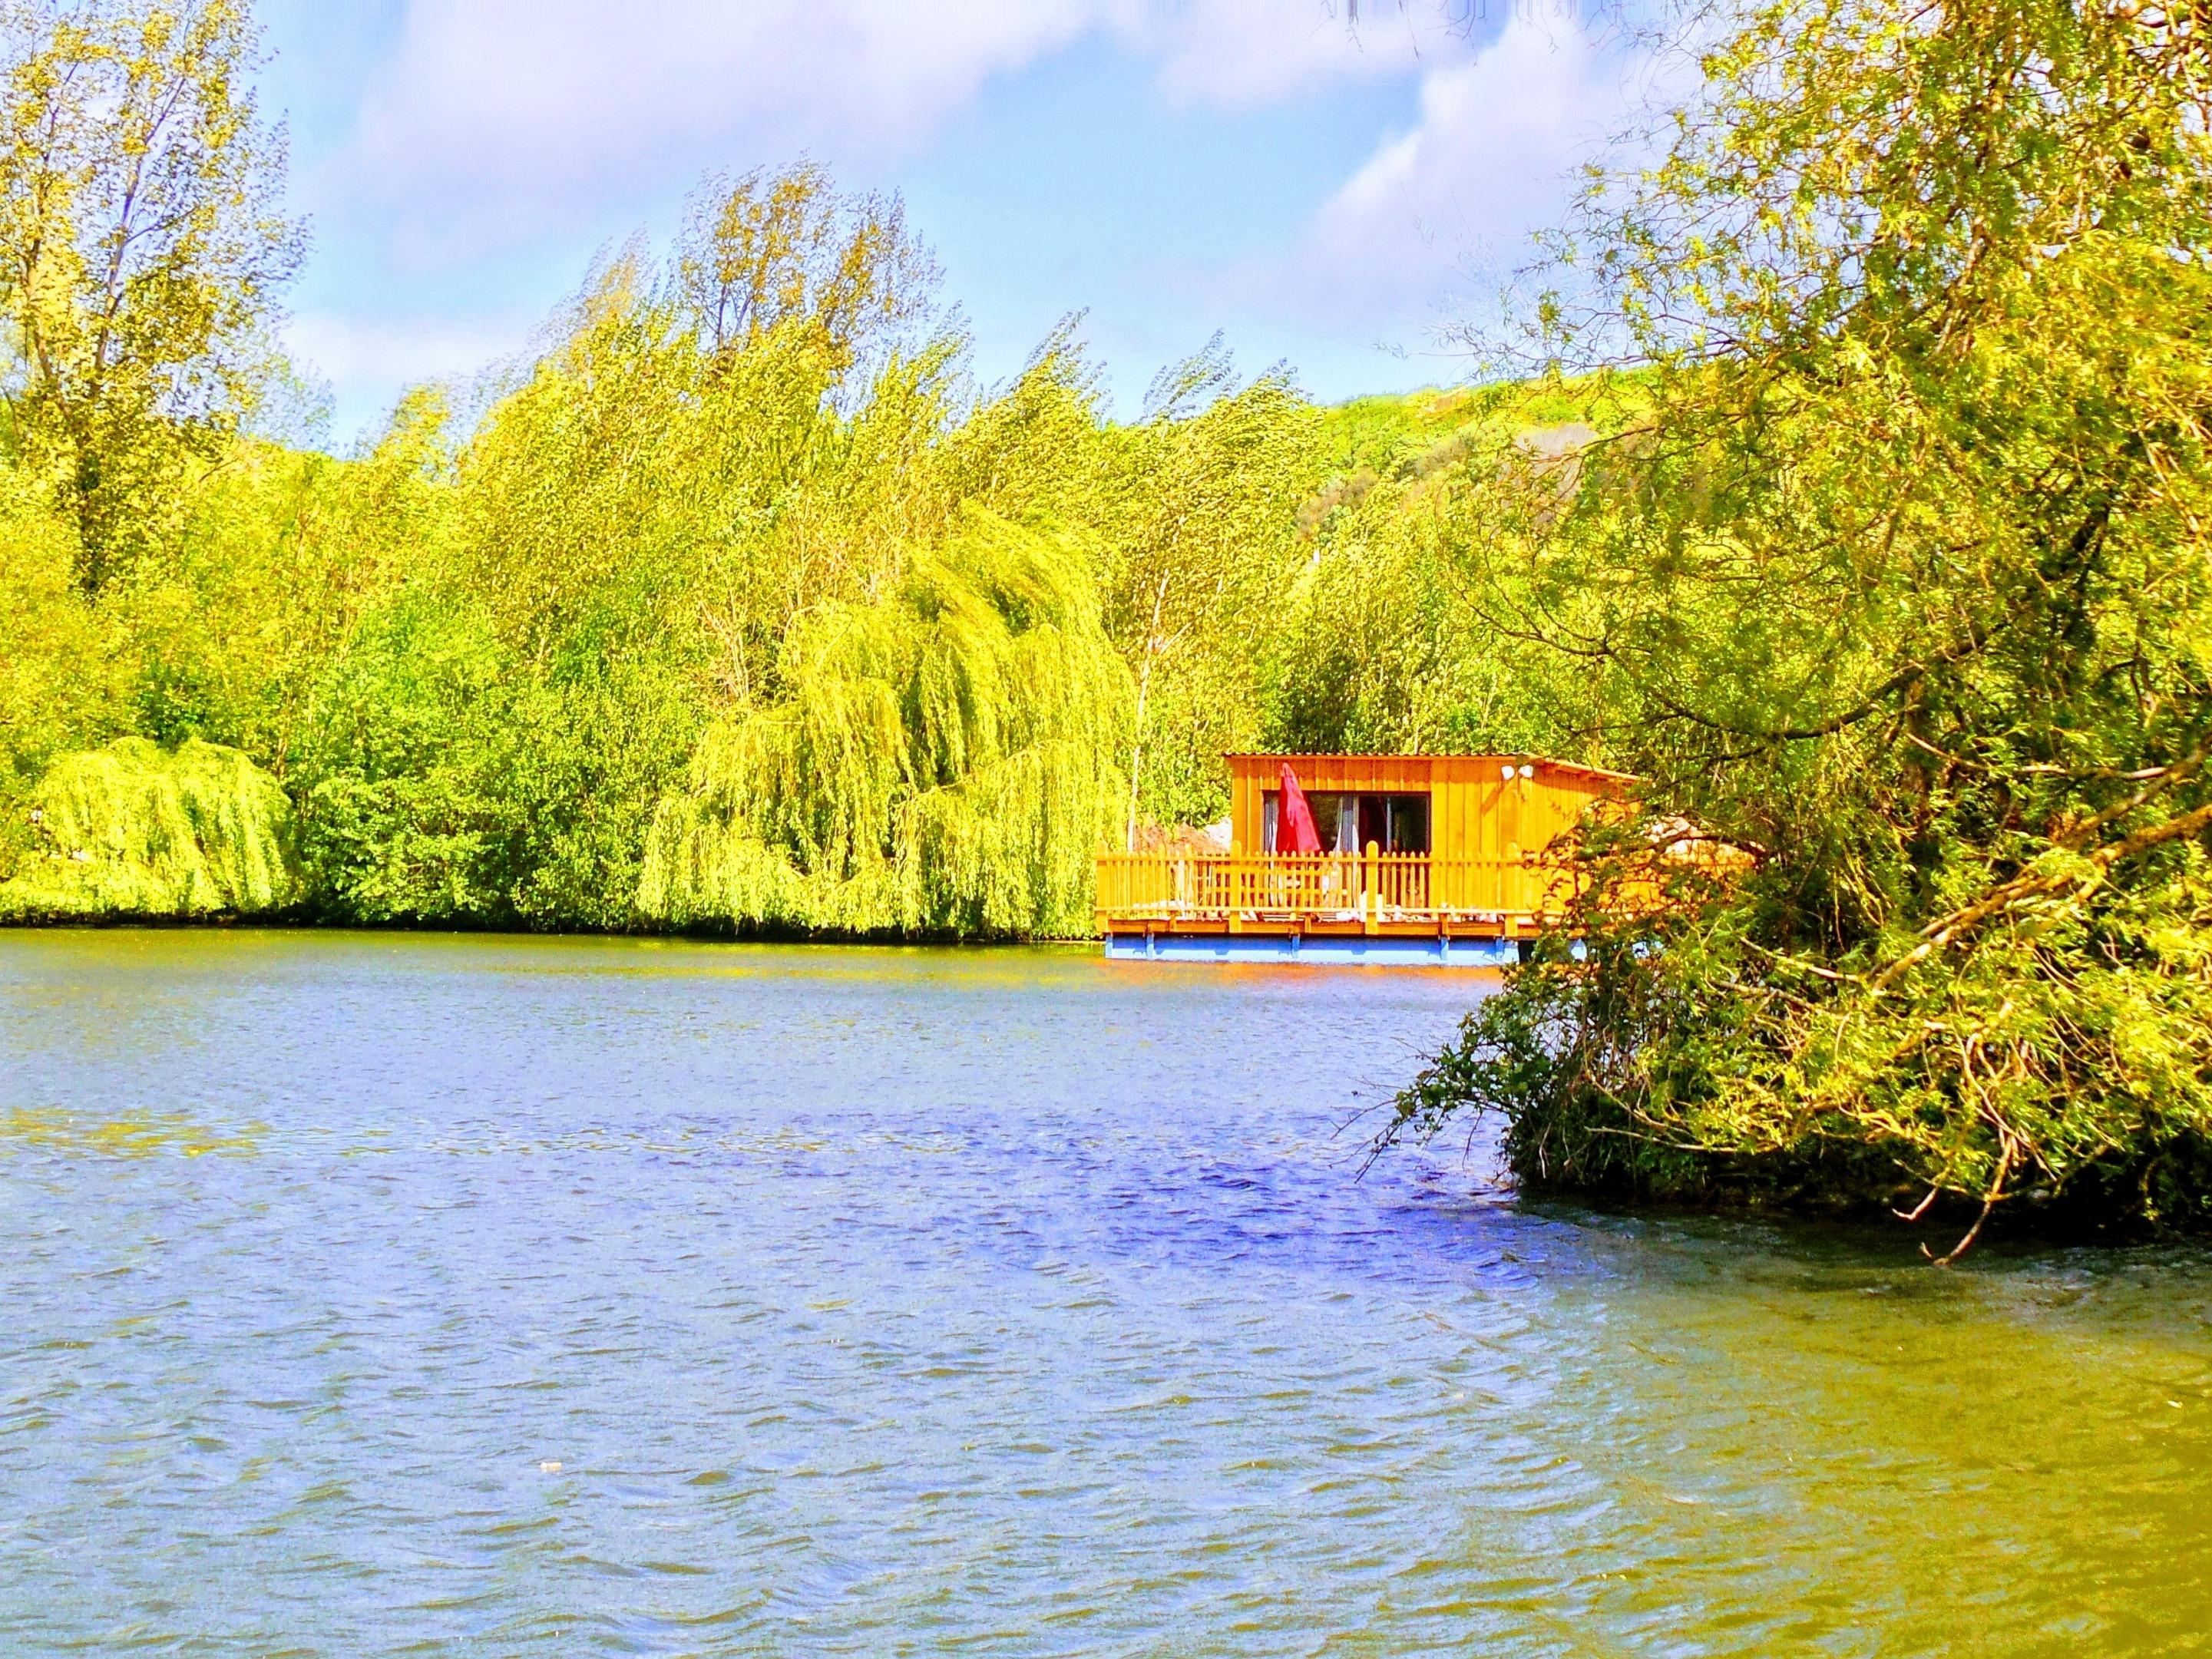 Cabane-Les Songes de Steph-Salle de bain Privée-Vue sur Lac - Tarif de base